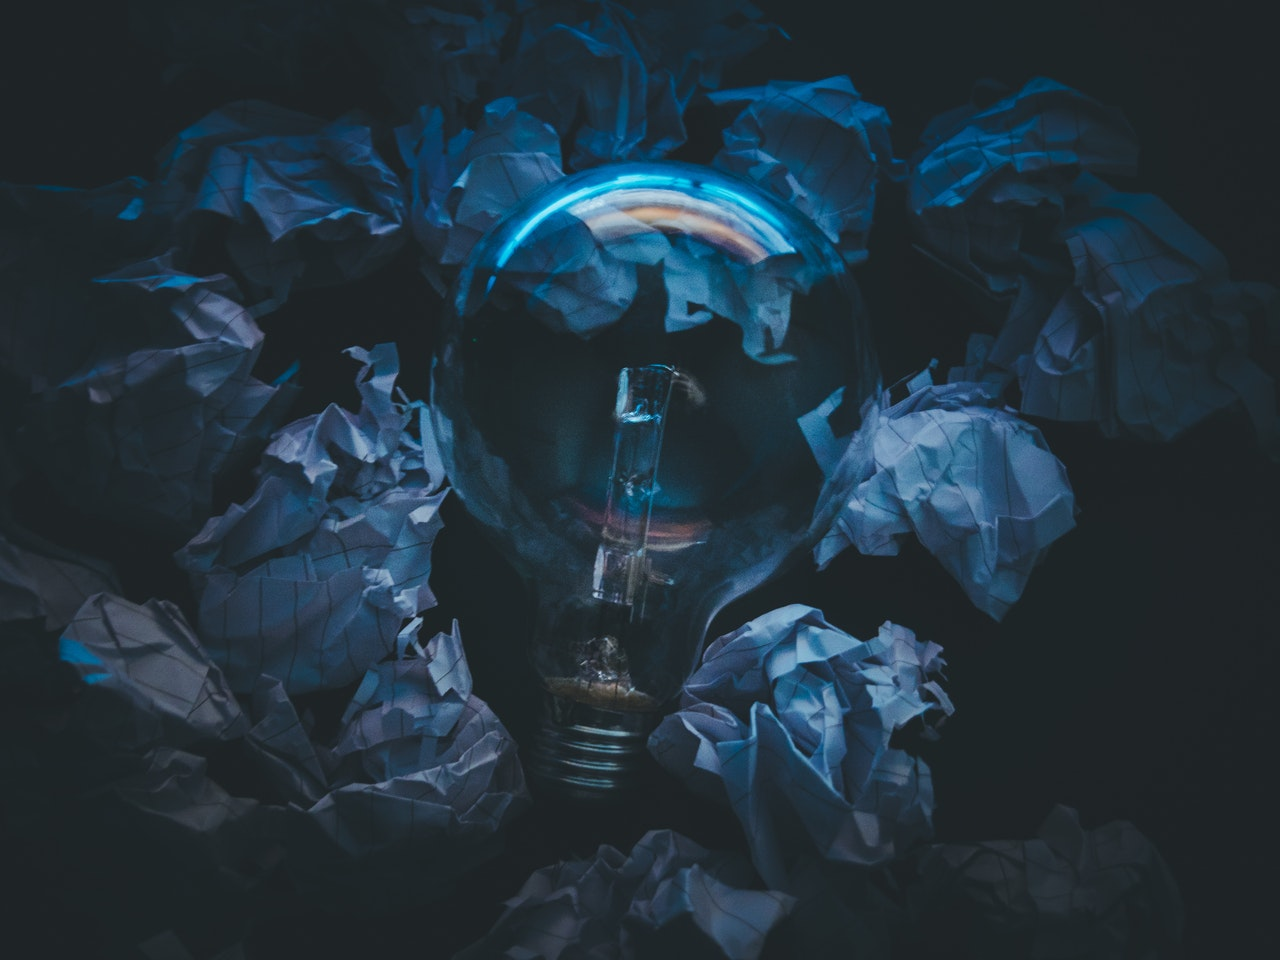 Ampoule entourée de papier